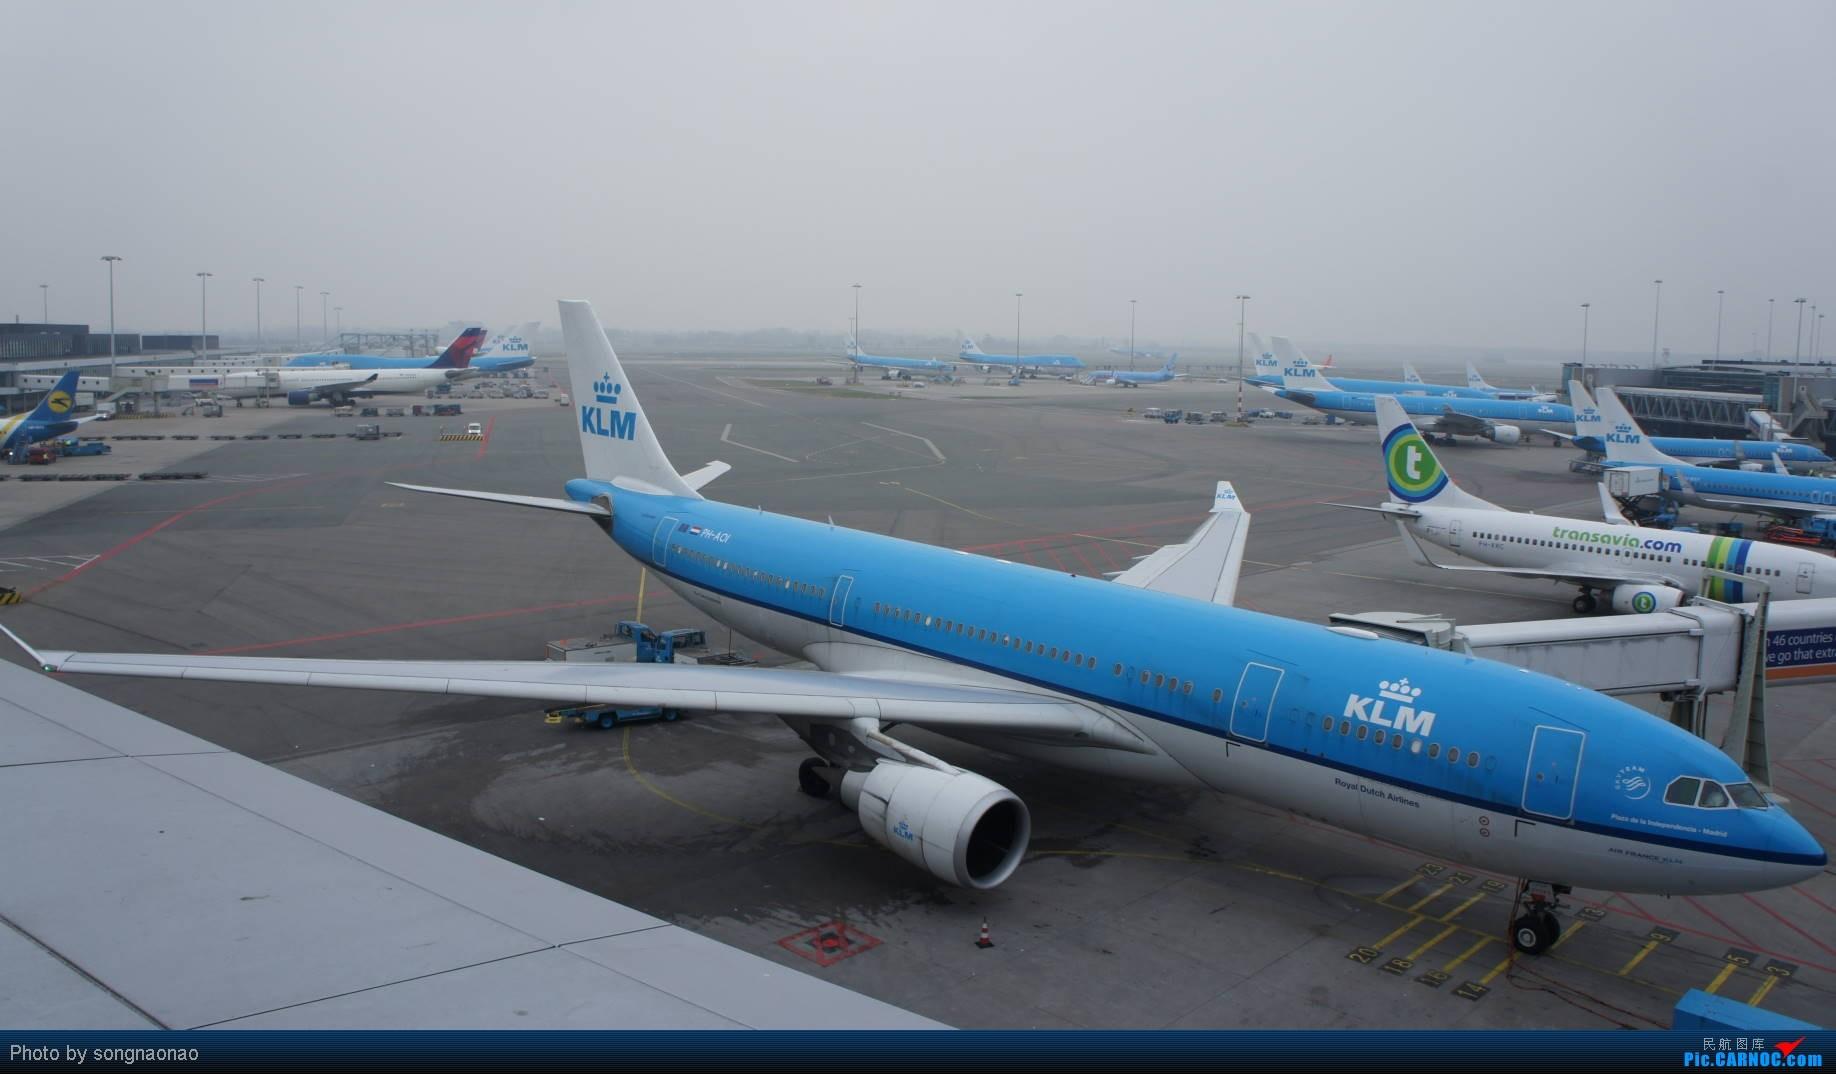 [原创]***送闹闹游记005***---阿姆斯特丹 SCHIPHOL 机场 送飞 拍机    荷兰荷兰阿姆斯特丹斯史基浦(西霍普)机场